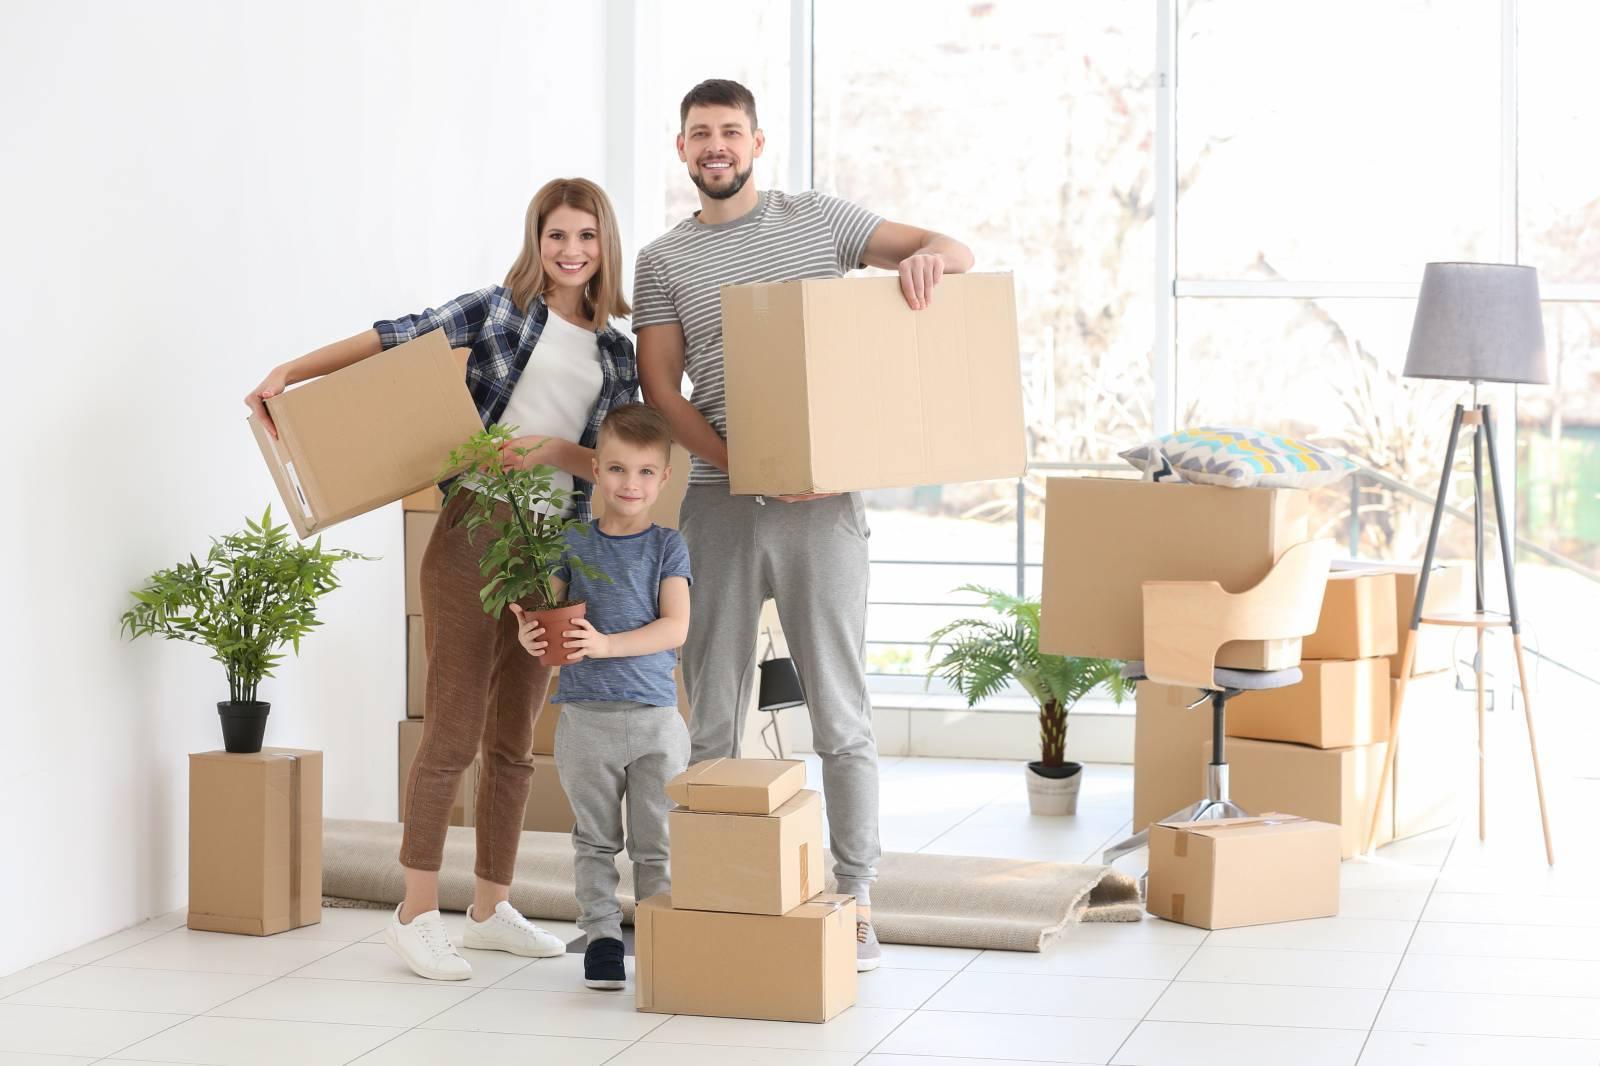 Что лучше? Переезжать самостоятельно или заказывать услуги грузоперевозки?